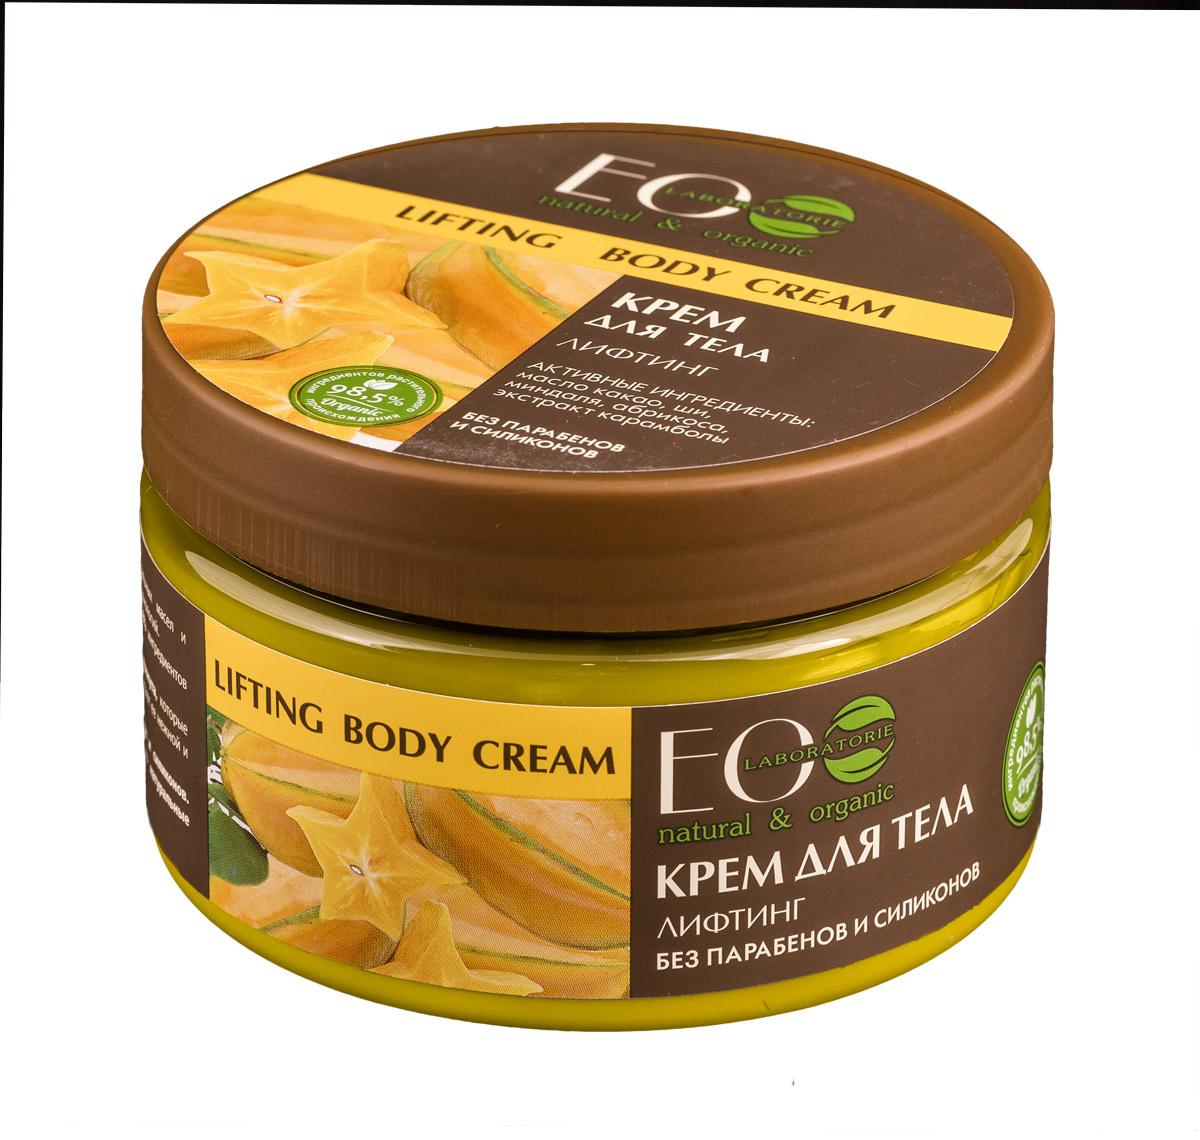 EcoLab ЭкоЛаб Крем для тела Лифтинг 250 мл4627089430588Замечательно питает, увлажняет, смягчает, оживляет и тонизирует кожу, значительно замедляет процесс старения кожи, защищая ее также от вредного ультрафиолетового излучения. Активные ингредиенты: масло какао, ши, кунжута, миндаля, абрикоса, экстракт карамболы